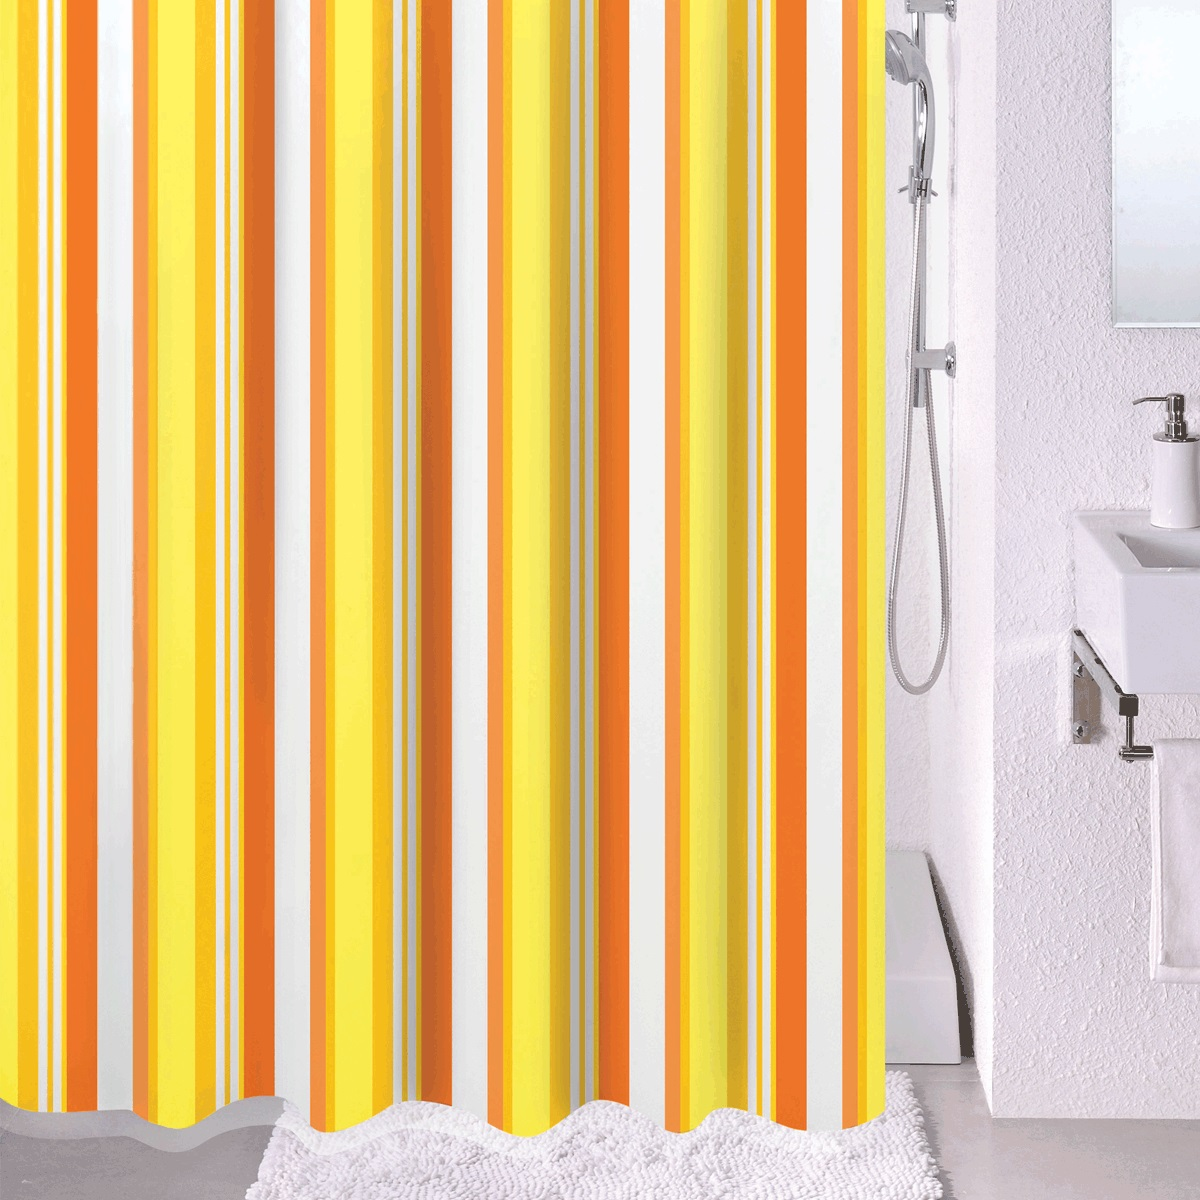 """Штора для ванной Milardo Milardo """"Flag Stripe"""", изготовленная из полиэстера - водонепроницаемого, мягкого на ощупь и прочного материала, идеально защищает ванную комнату от брызг. В верхней кромке шторы предусмотрены металлические отверстия для колец, которые входят в комплект.Штора Milardo """"Flag Stripe"""" порадует вас своим ярким дизайном и добавит уюта в ванную комнату. Плотность: 90 г/м.Количество колец: 12 шт."""